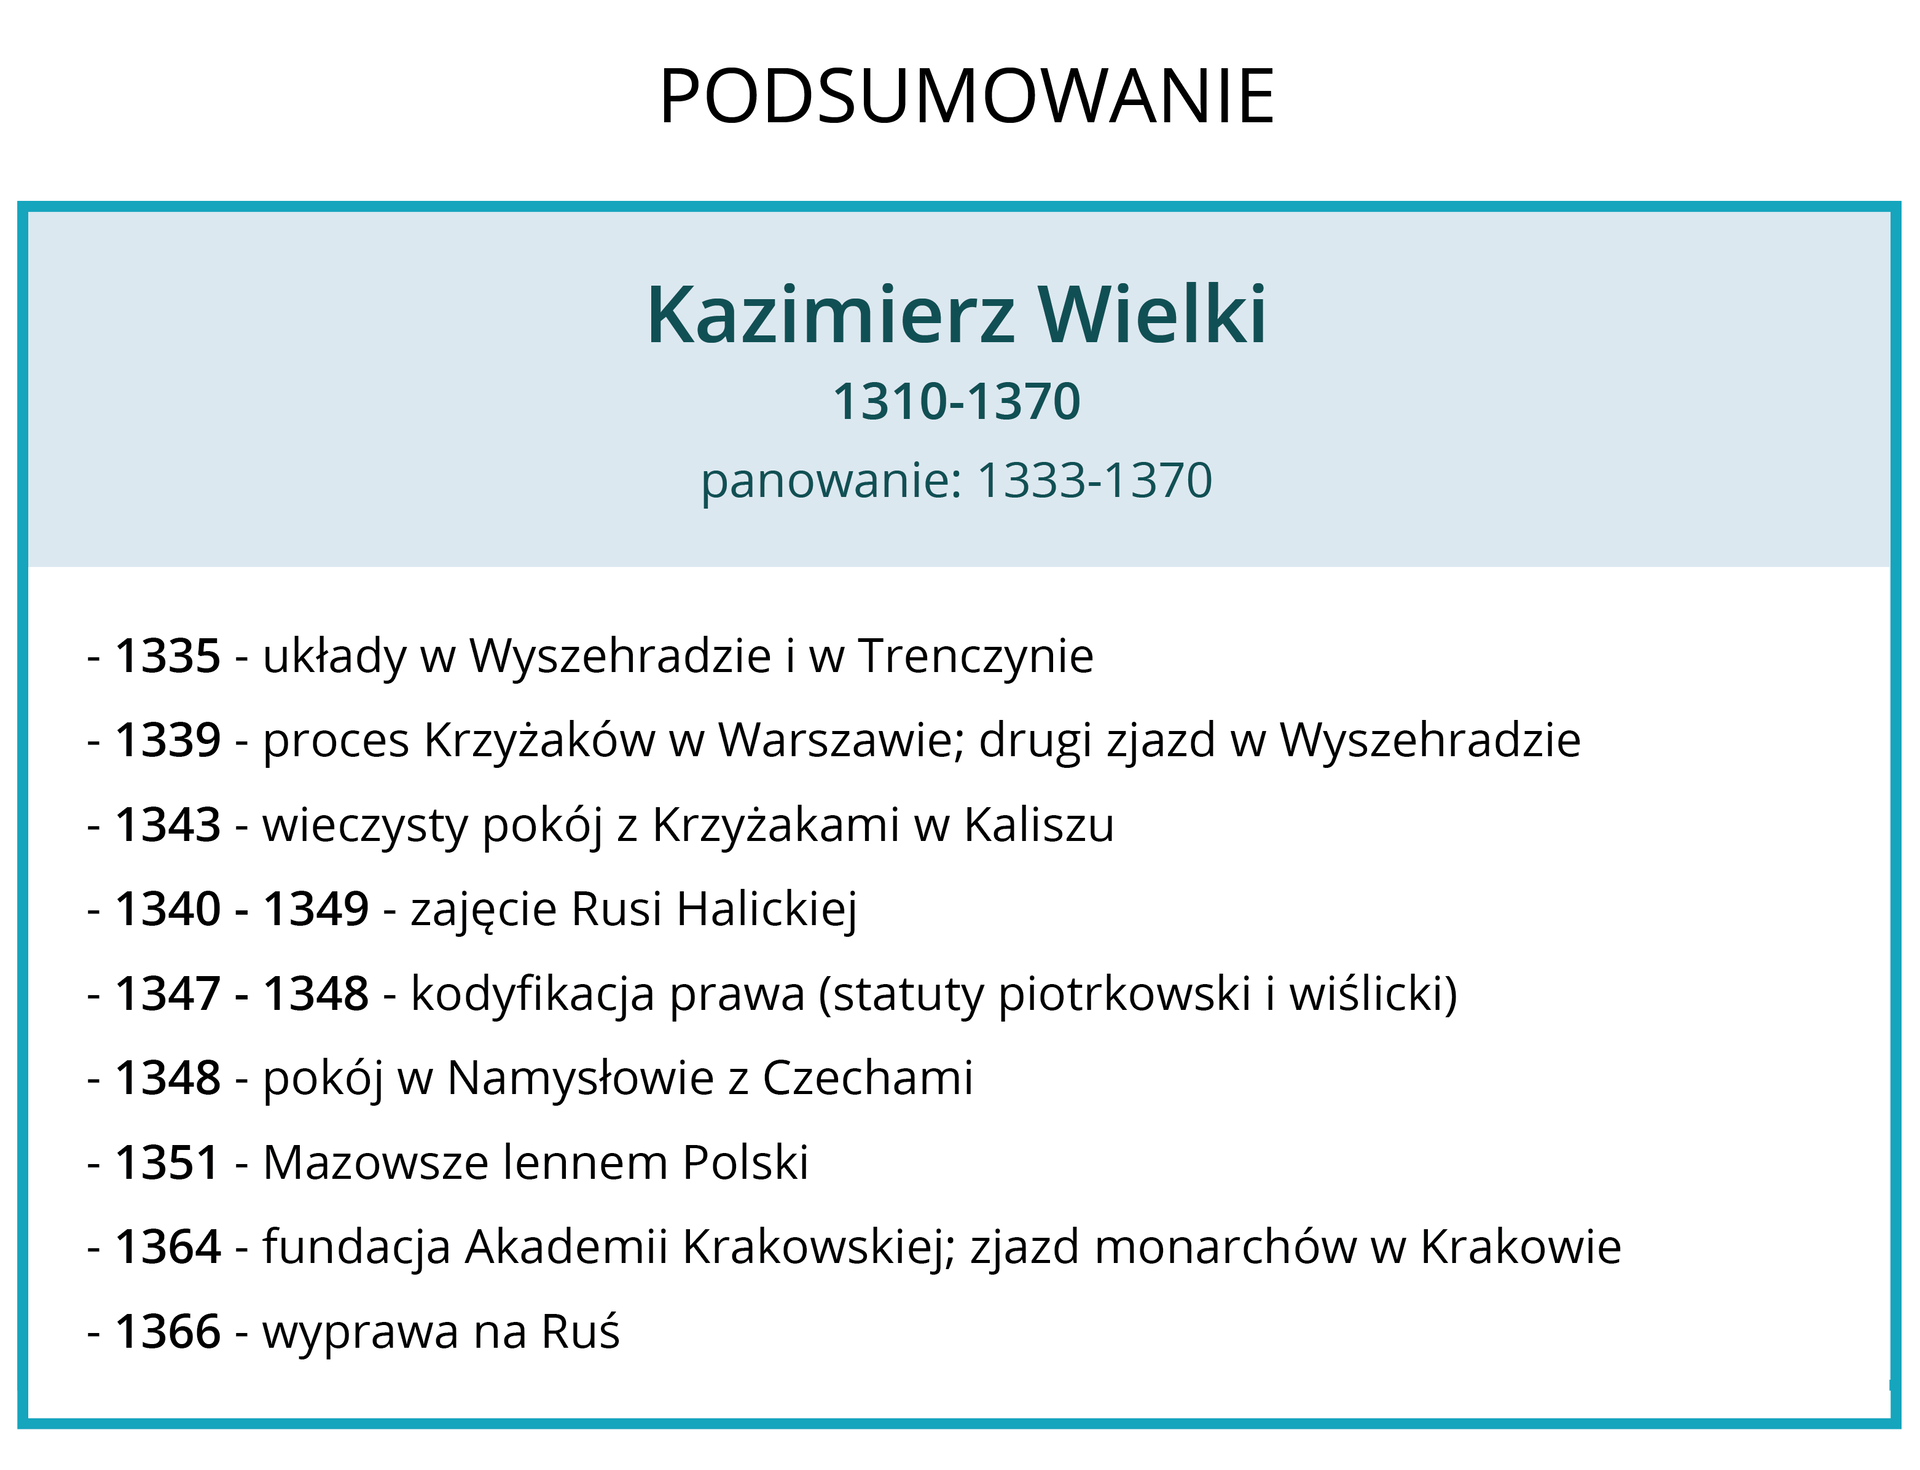 Infografika przedstawiająca najważniejsze daty dotyczące panowania Kazimierz Wielkiego. Żył od tysiąc trzysta dziesiątego do tysiąc trzysta siedemdziesiątego roku. Panował od tysiąc trzysta trzydziestego trzeciego do tysiąc trzysta siedemdziesiątego roku. Tysiąc trzysta trzydzieści pięć układy wWyszehradzie iwTrenczynie, tysiąc trzysta trzydzieści dziewięć proces Krzyżaków wWarszawie drugi zjazd wWyszehradzie, tysiąc trzysta czterdzieści trzy wieczysty pokój zKrzyżakami wKaliszu, tysiąc trzysta czterdzieści do tysiąc trzysta czterdzieści dziewięć zajęcie Rusi Halickiej, tysiąc trzysta czterdzieści siedem do tysiąc trzysta czterdzieści osiem kodyfikacja prawa statuty piotrkowski iwiślicki, tysiąc trzysta czterdzieści osiem pokój wNamysłowie zCzechami, tysiąc trzysta pięćdziesiąt jeden Mazowsze lennem Polski, tysiąc trzysta sześćdziesiąt cztery fundacja Akademii Krakowskiej zjazd monarchów wKrakowie, tysiąc trzysta sześćdziesiąt sześć wyprawa na Ruś.